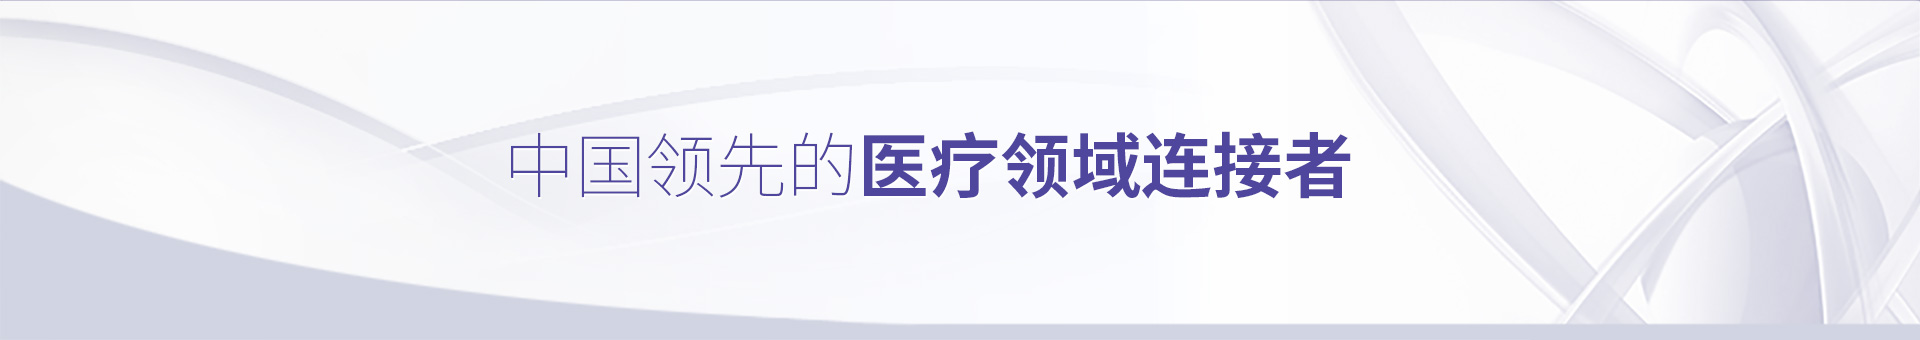 太阳城娱乐园 - 中国医疗领域的连接者